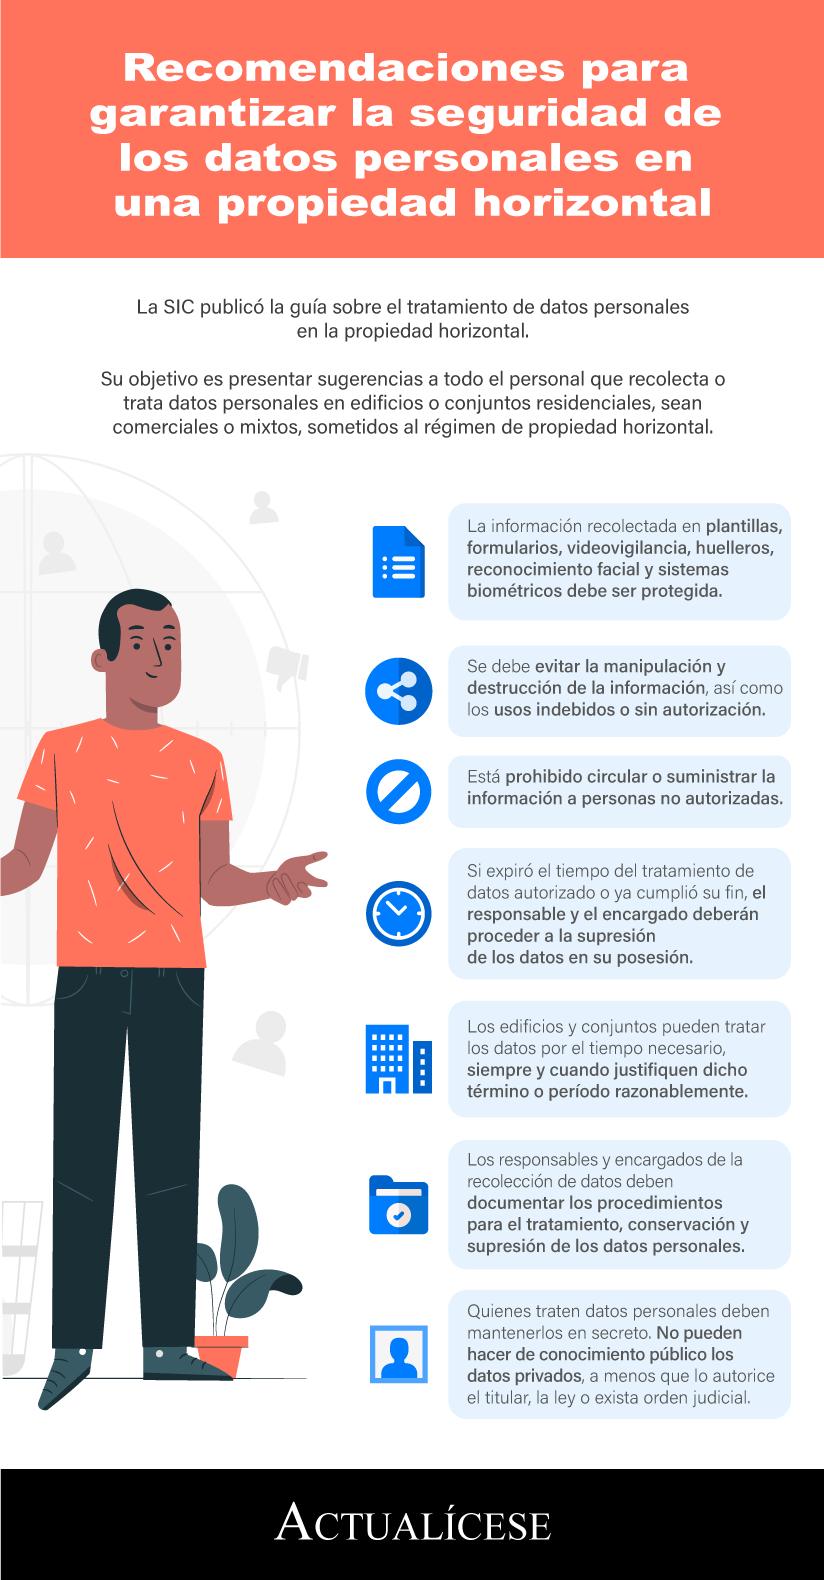 [Infografía] Recomendaciones para garantizar la seguridad de los datos personales en una propiedad horizontal